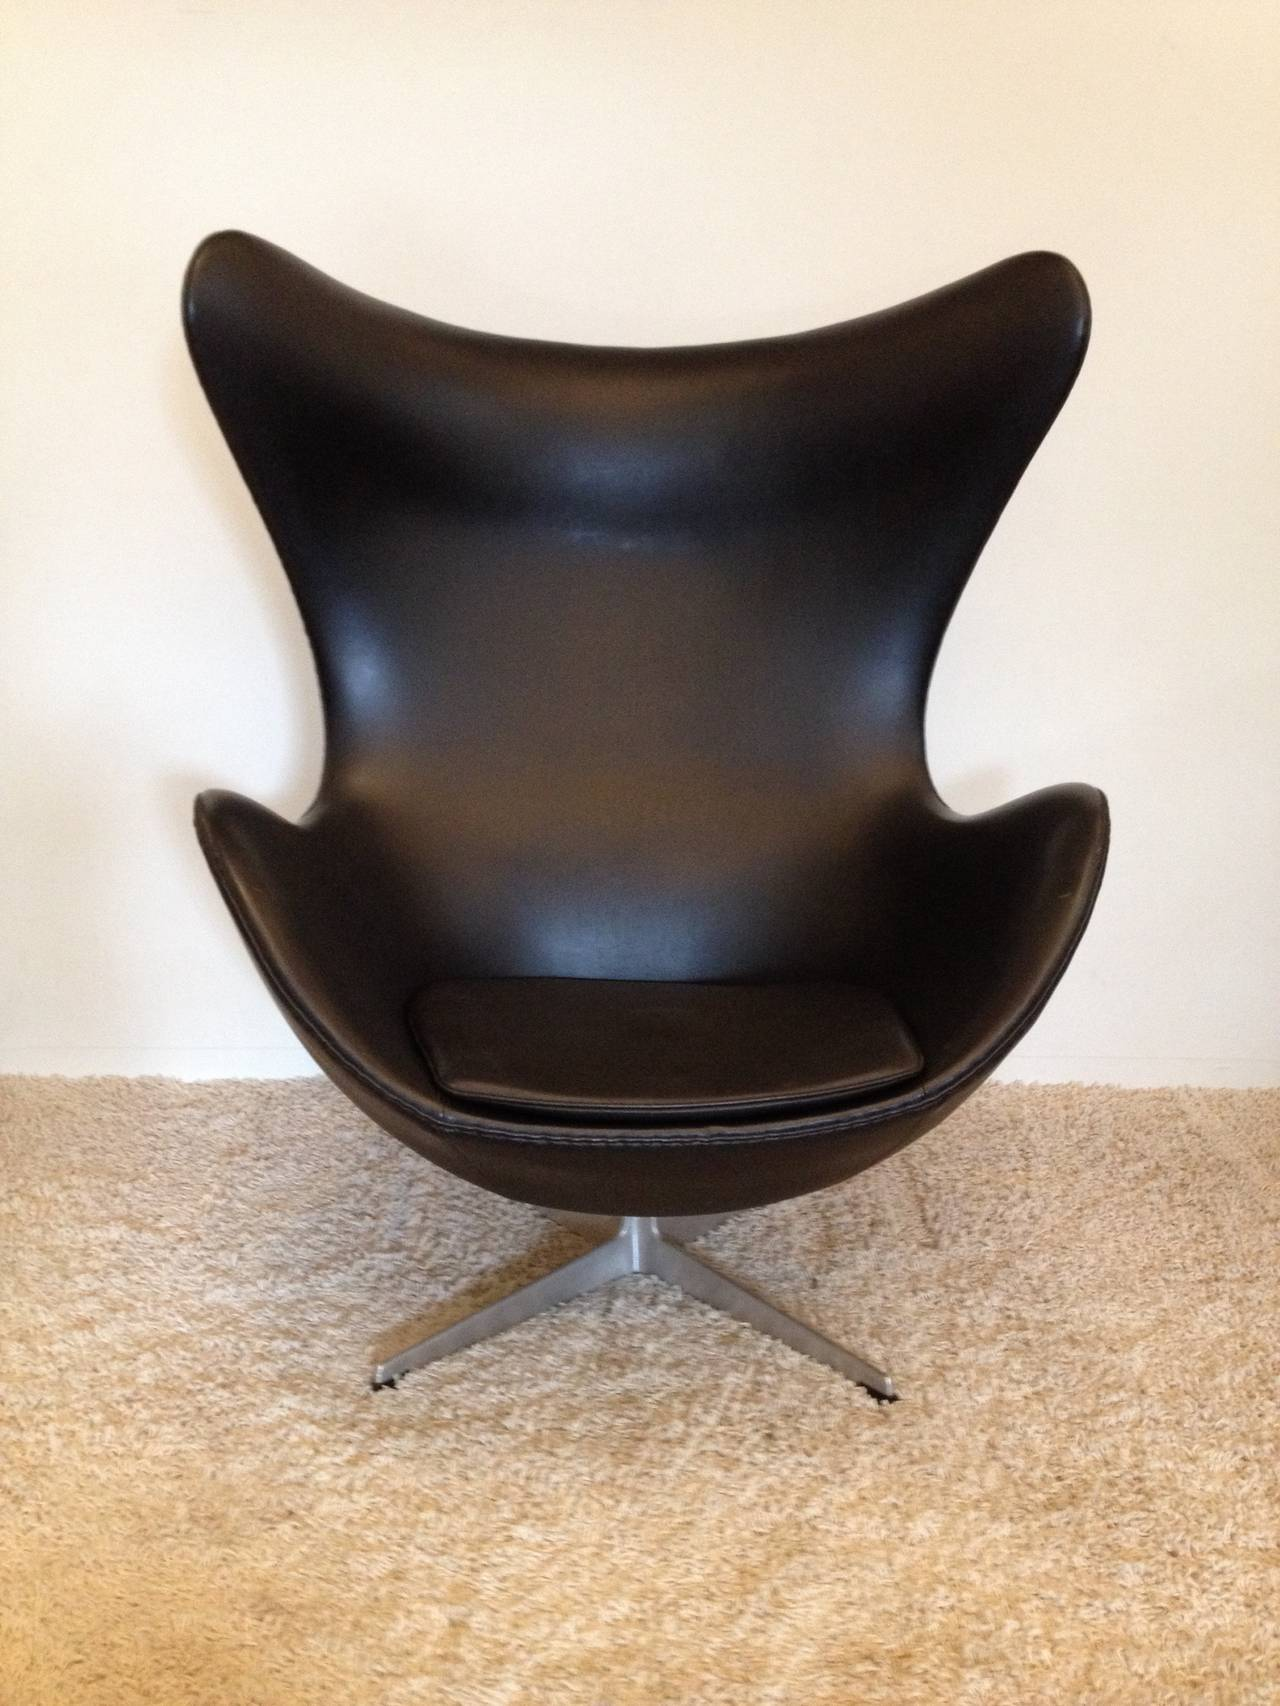 vintage egg chair wingback recliner arne jacobsen for fritz hansen at 1stdibs